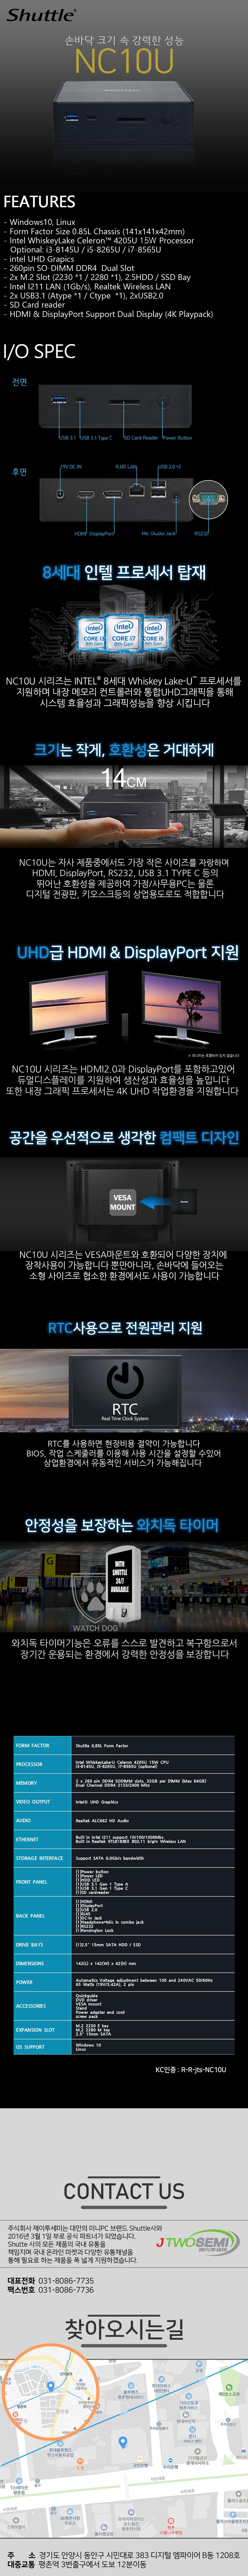 Shuttle NC10U WIN10 IoT (4GB, M2 128GB + 1TB)